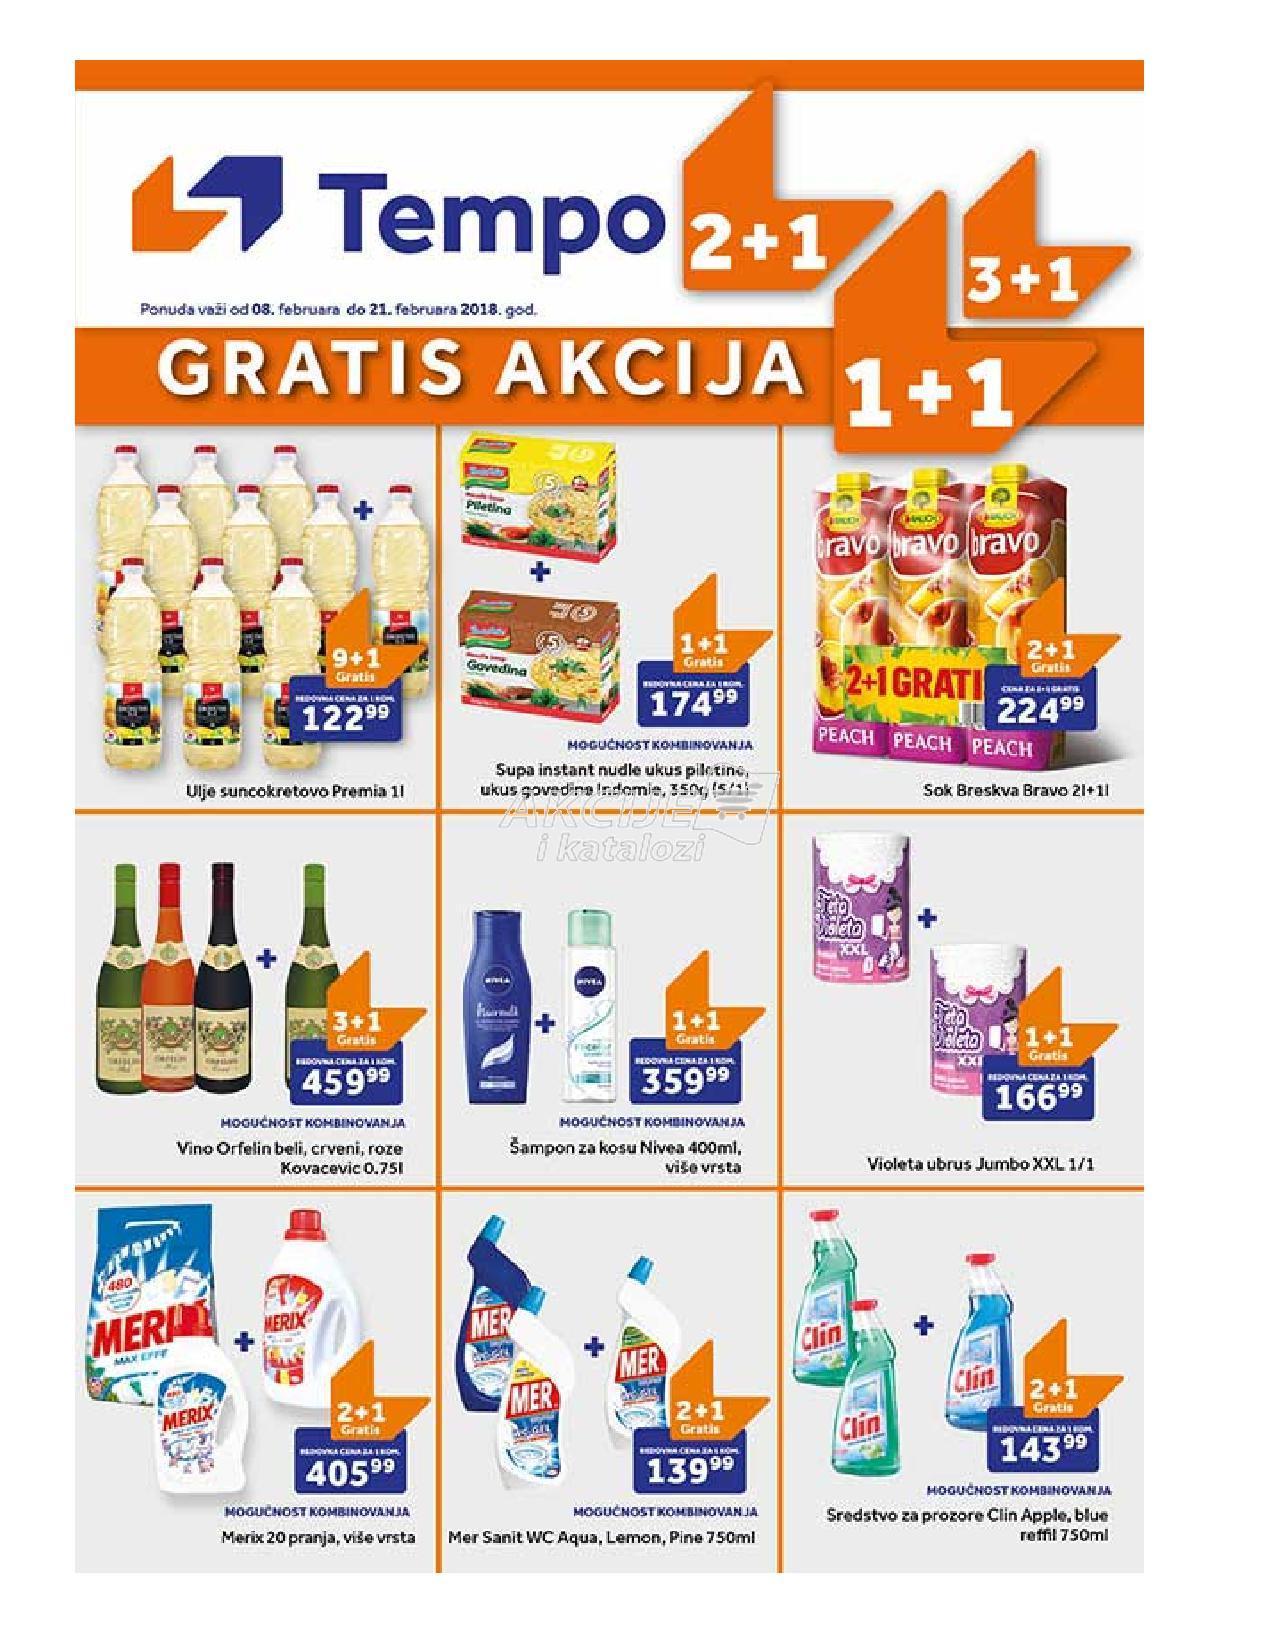 Tempo - Redovna akcija gratisa